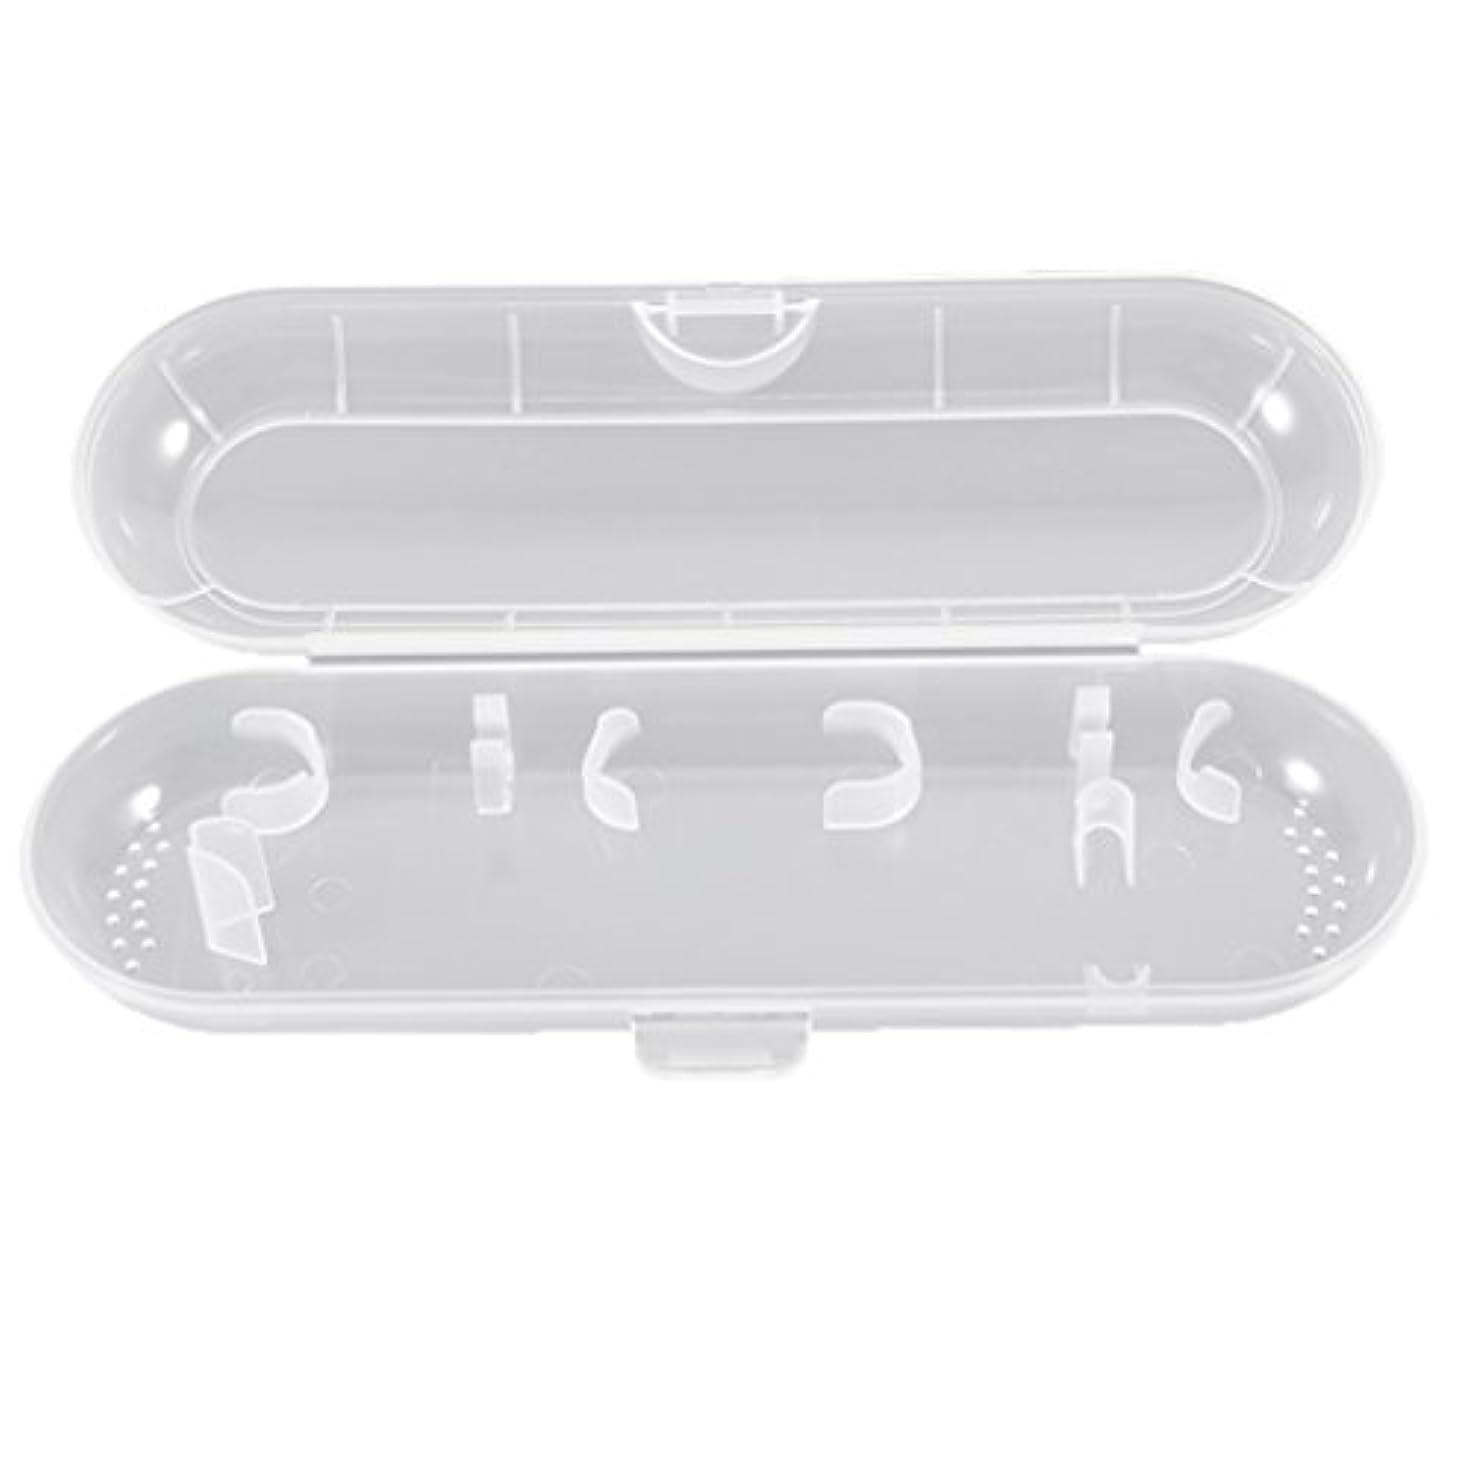 優れたコンバーチブルファセットHonel 透明 電動歯ブラシ収納ボックス プラスチック 電動歯ブラシケース 収納ケース ブラウン オーラルB対応